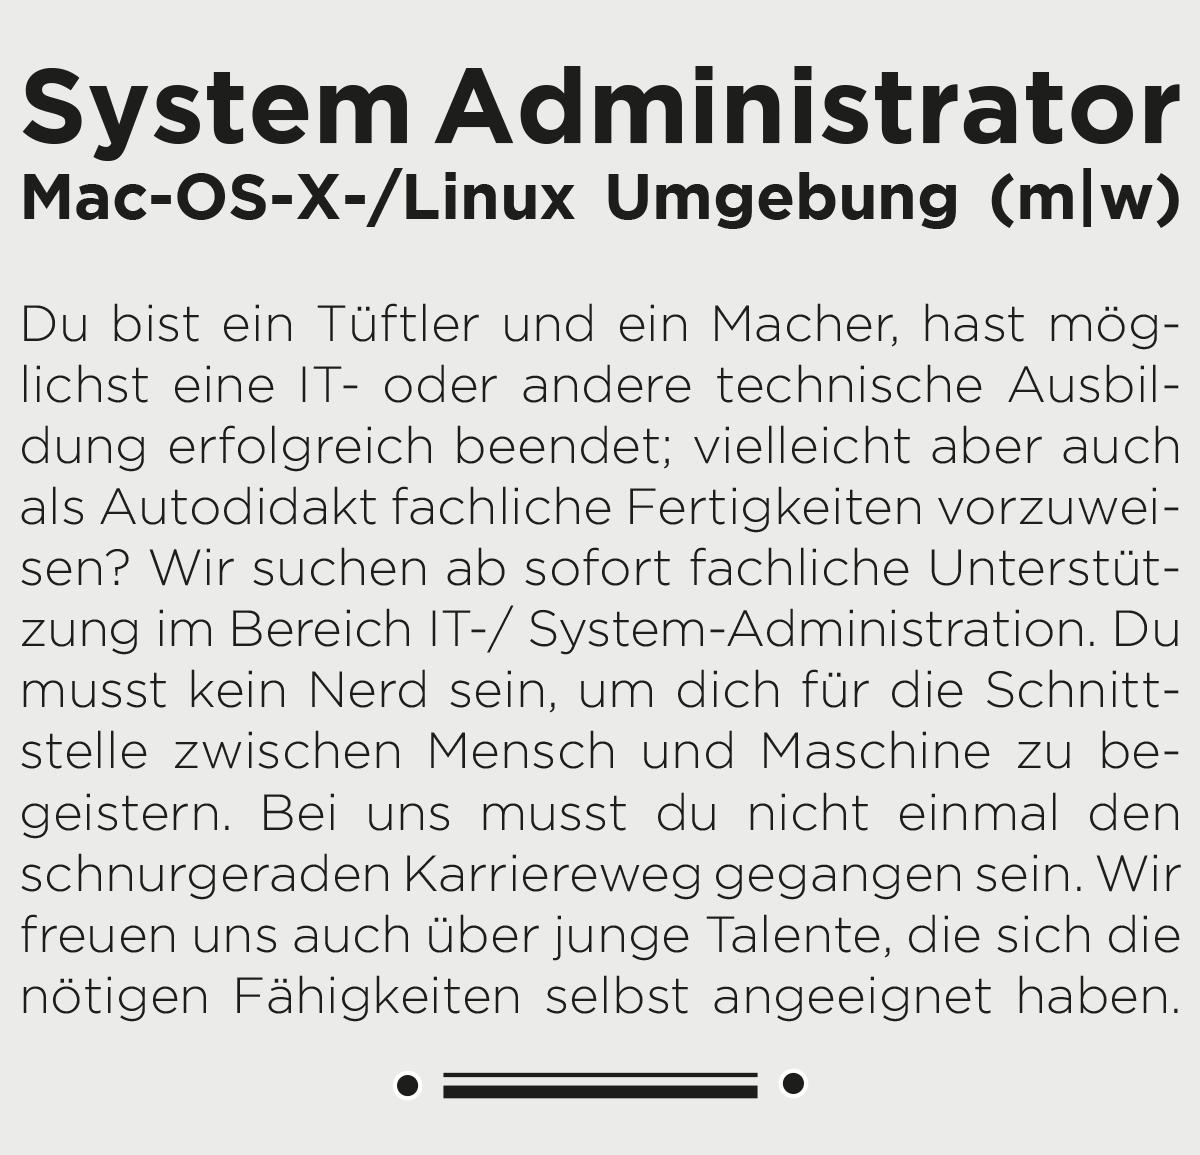 Jobbeschreibung/Anzeige System-Administrator*in Mac-OS-X-/Linux-Umgebung